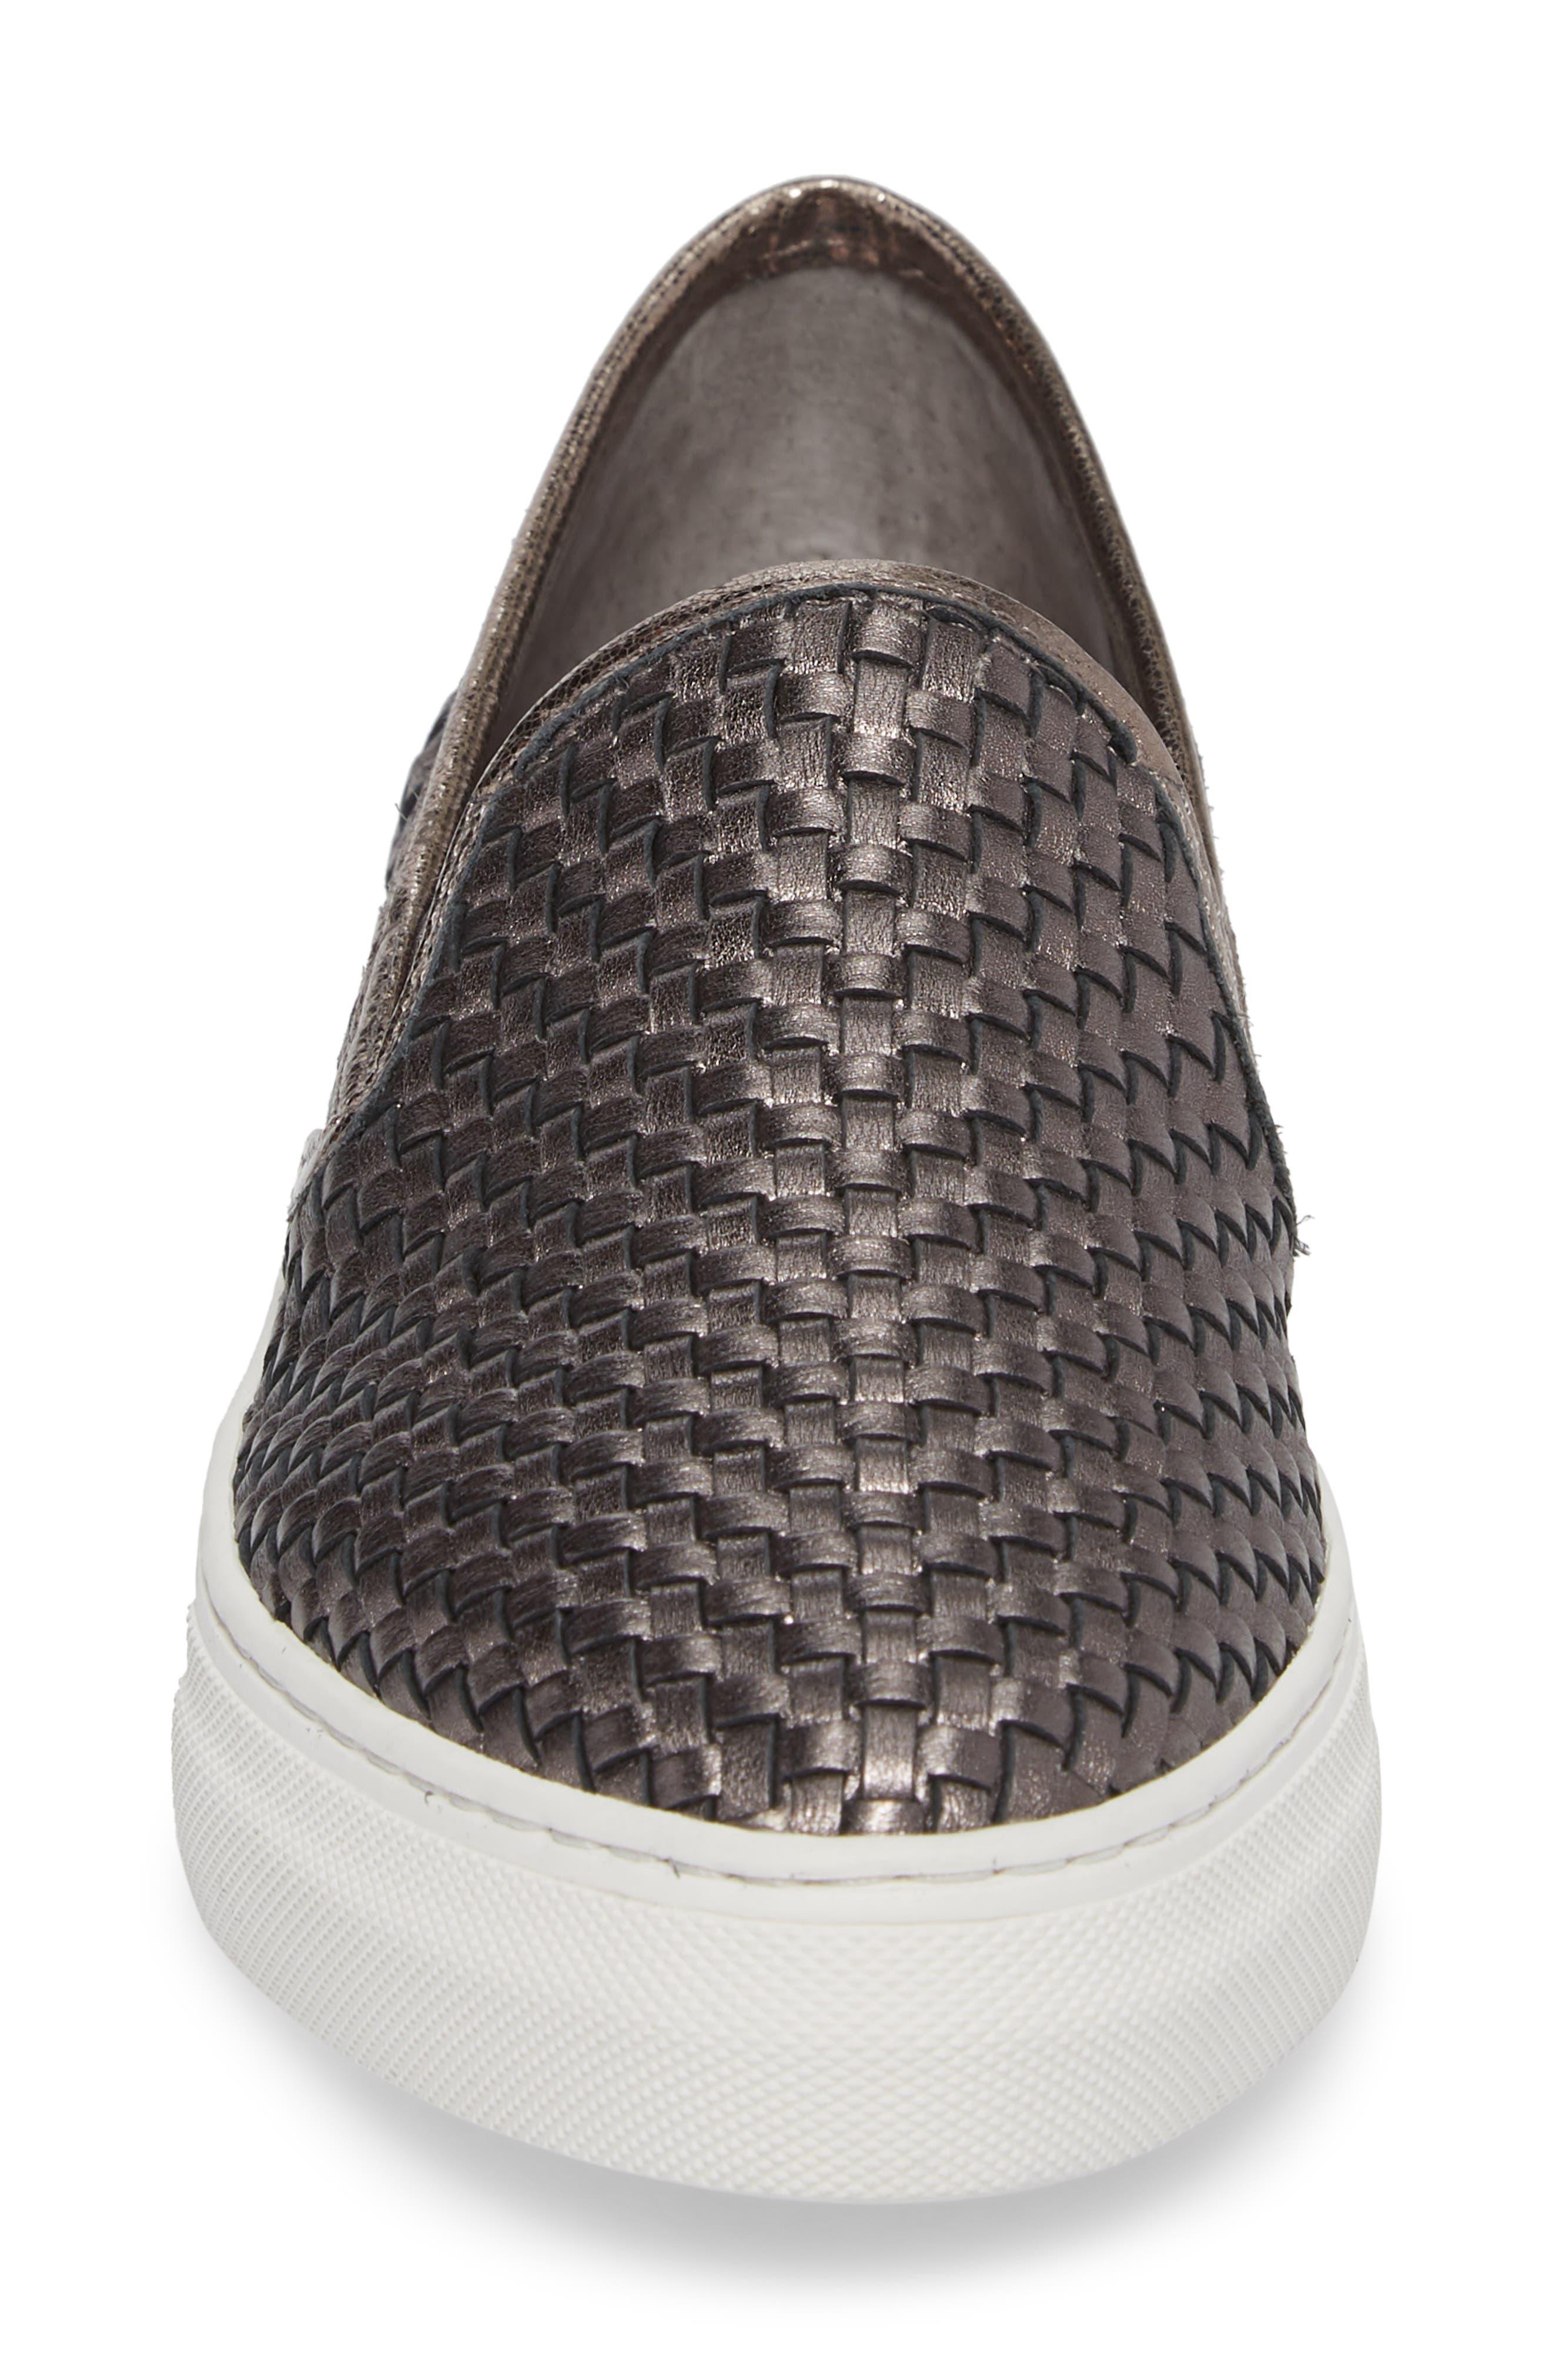 Flynn Slip-On Sneaker,                             Alternate thumbnail 4, color,                             Pewter Leather